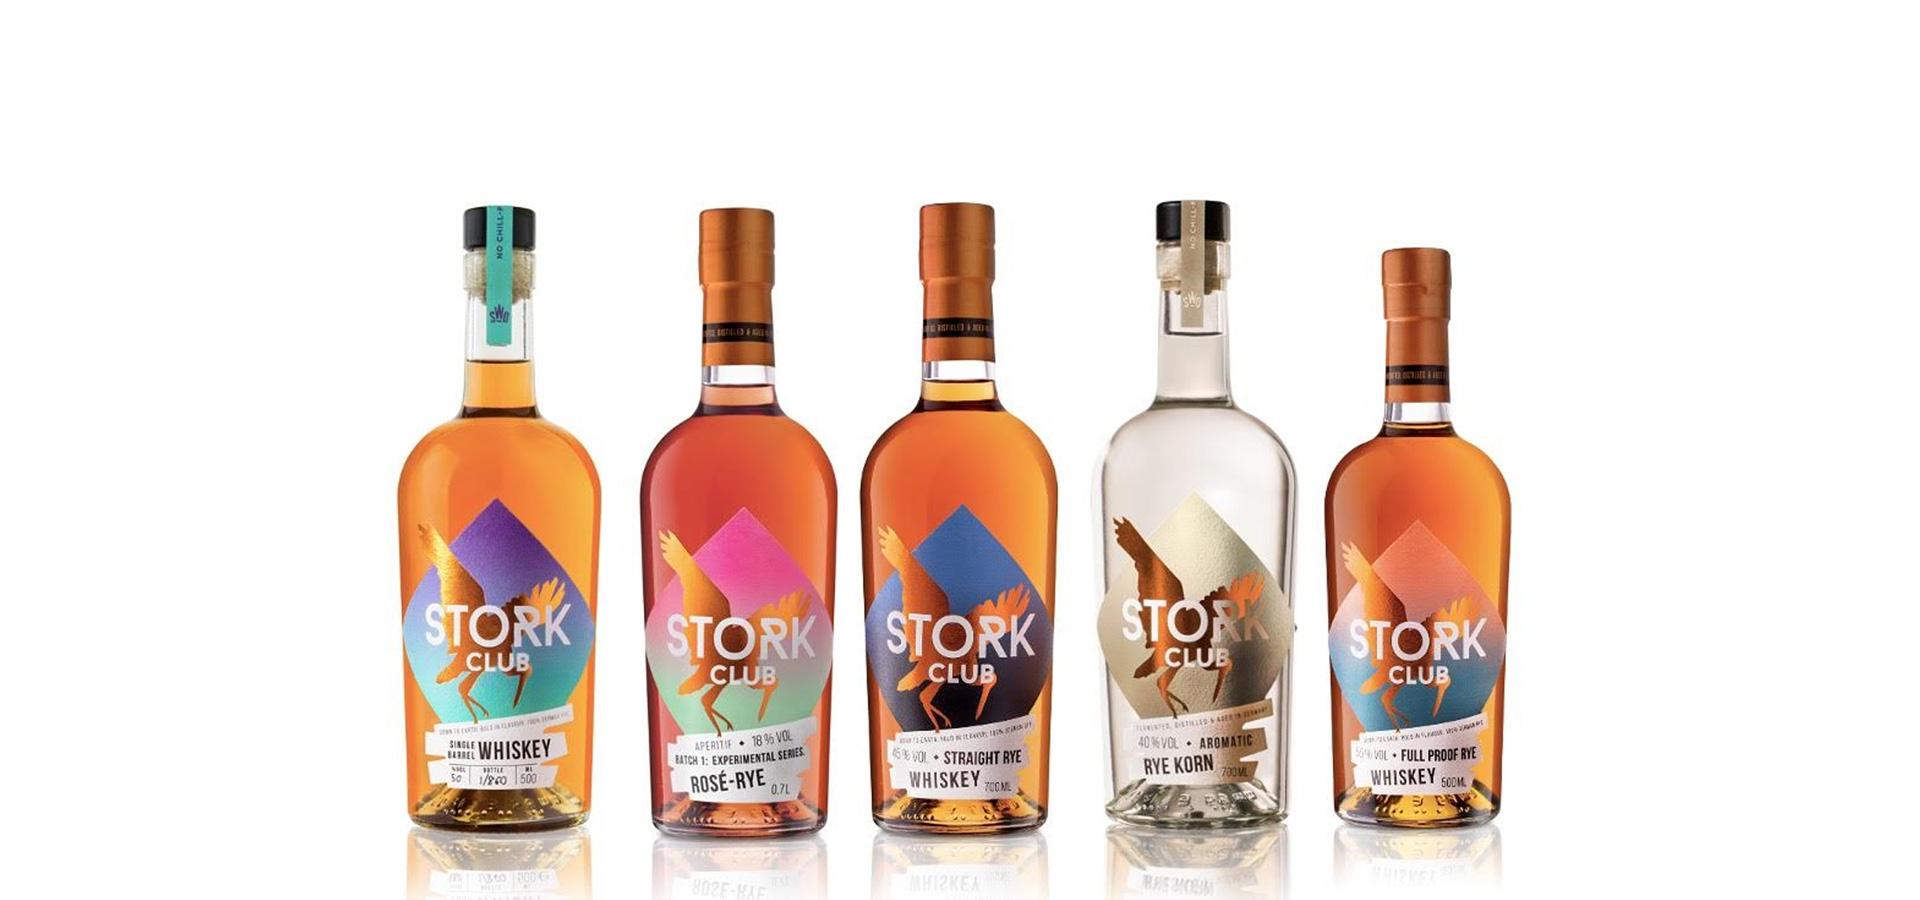 Image of Stork Whiskey